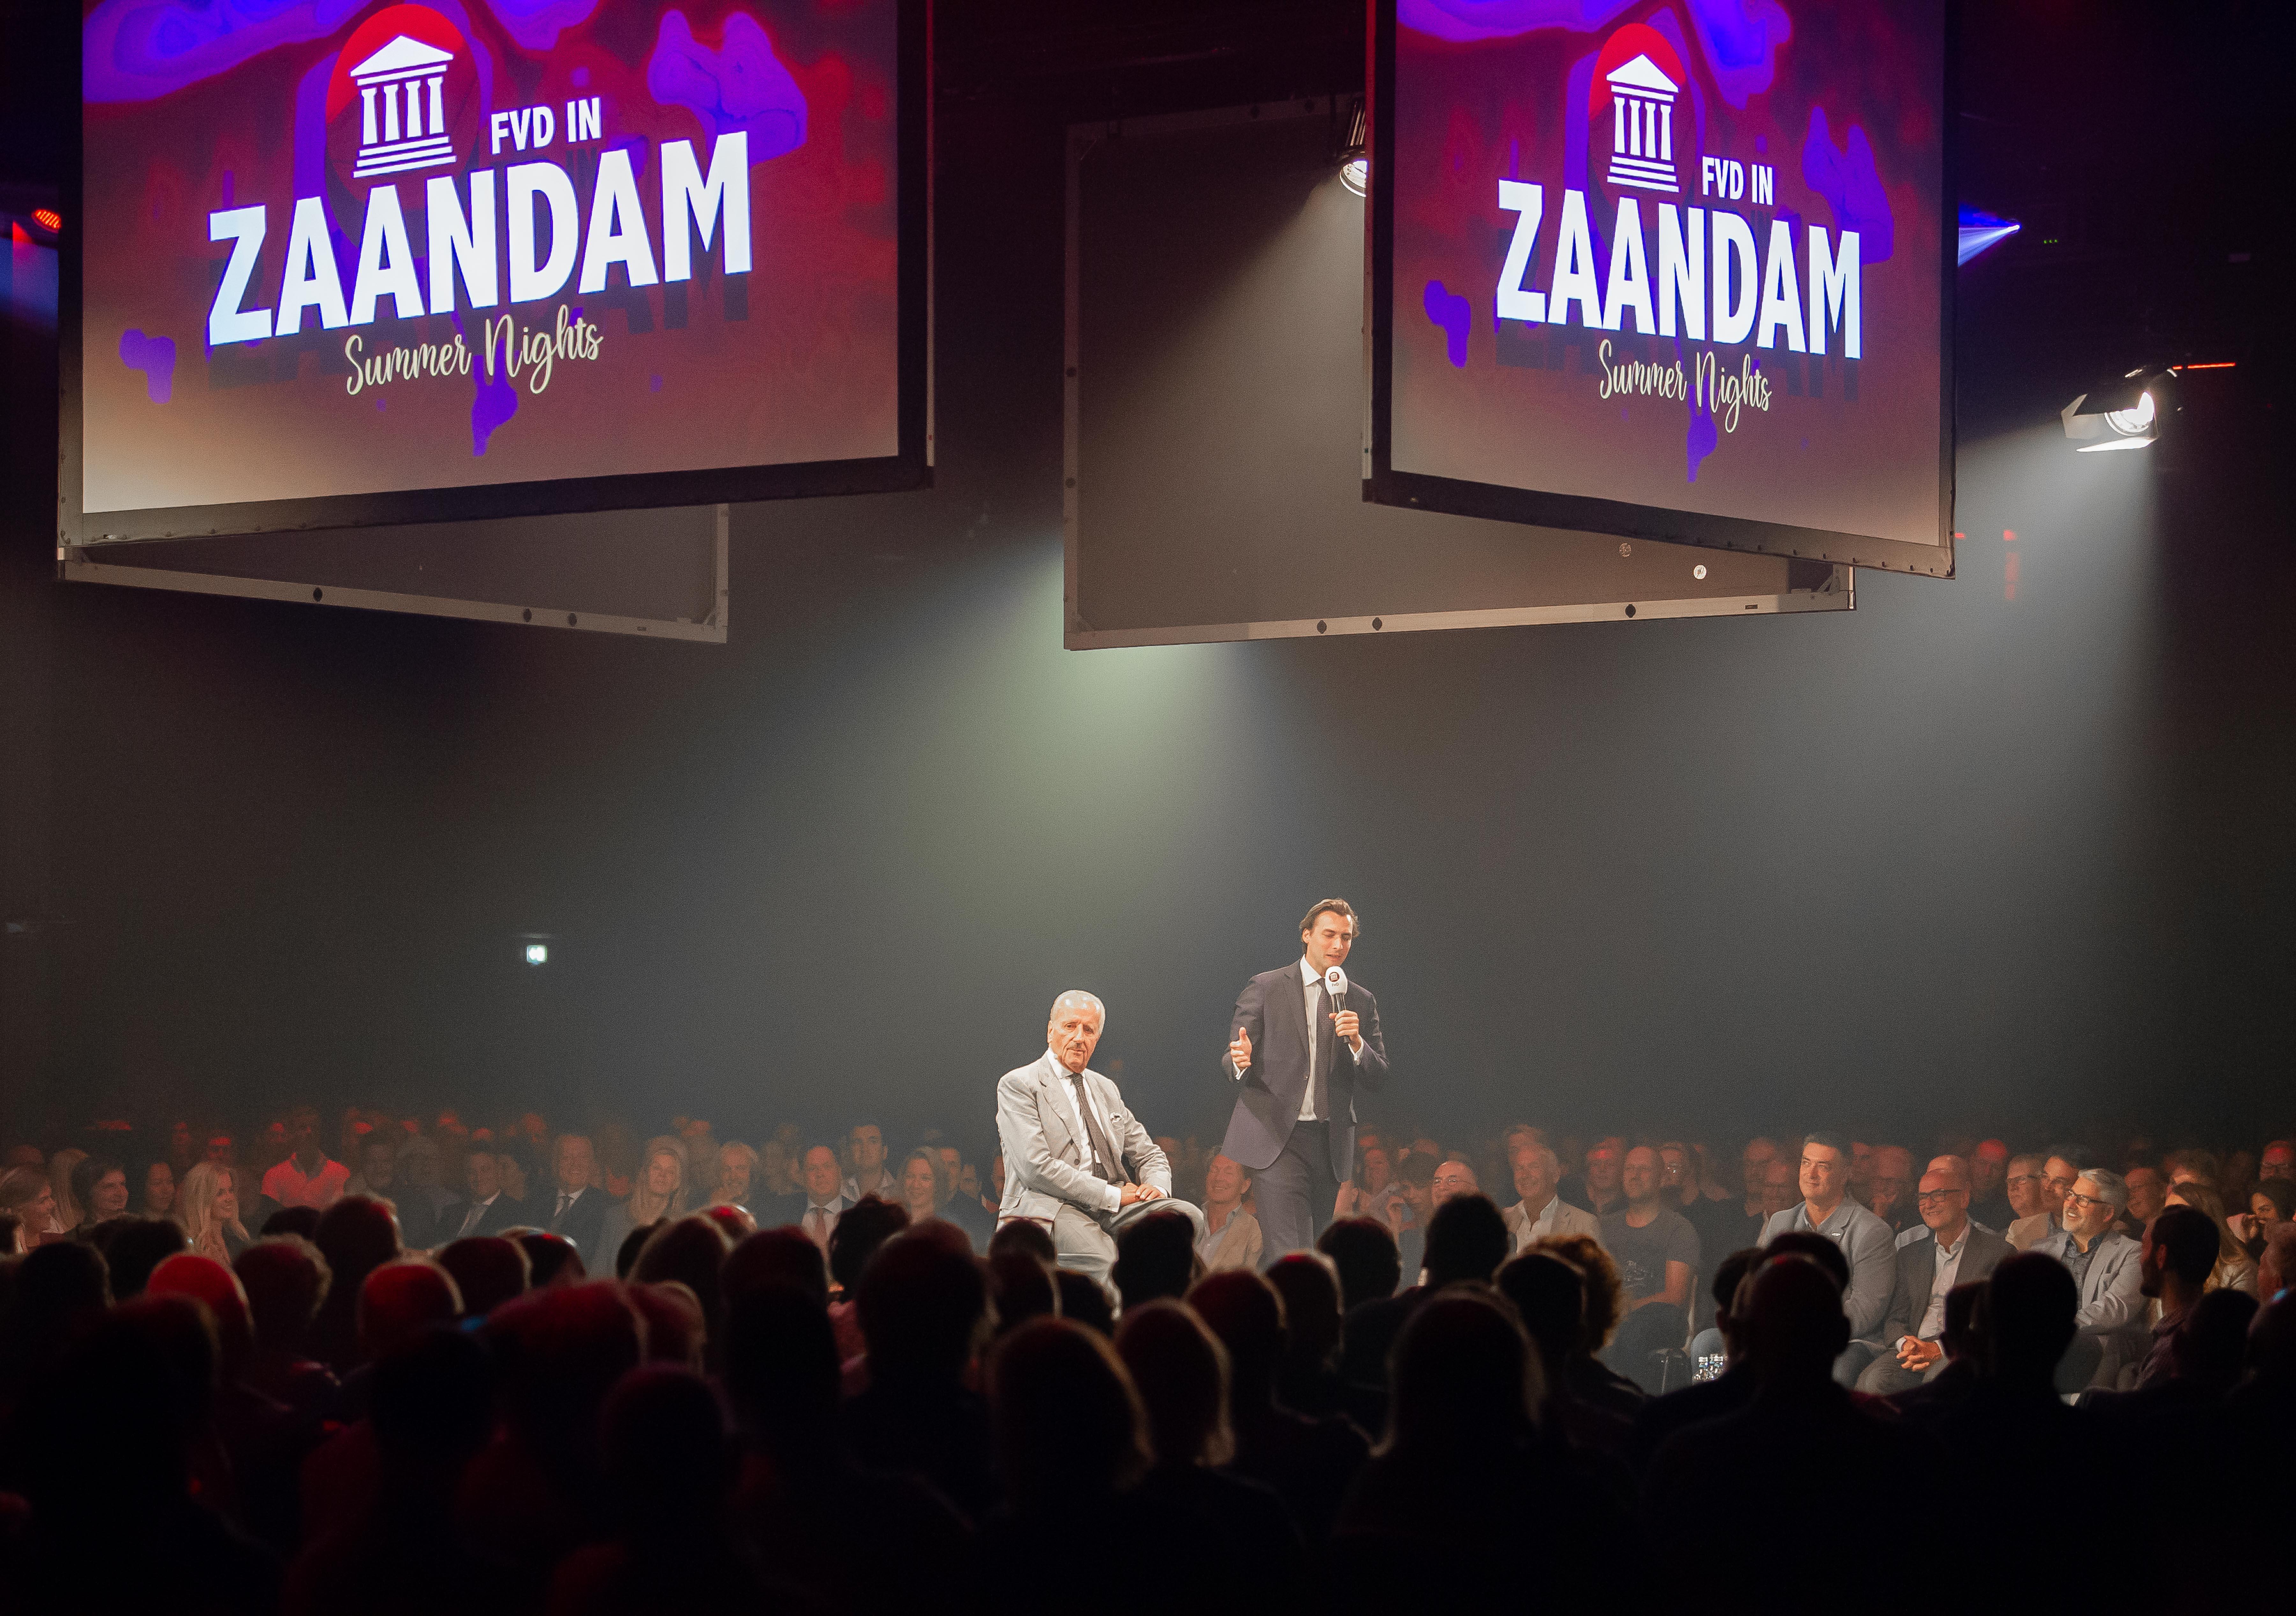 Forum voor Democratie houdt op zomerfeest in Zaandam de affaires klein: 'Theo, wanneer splits jij je af?'